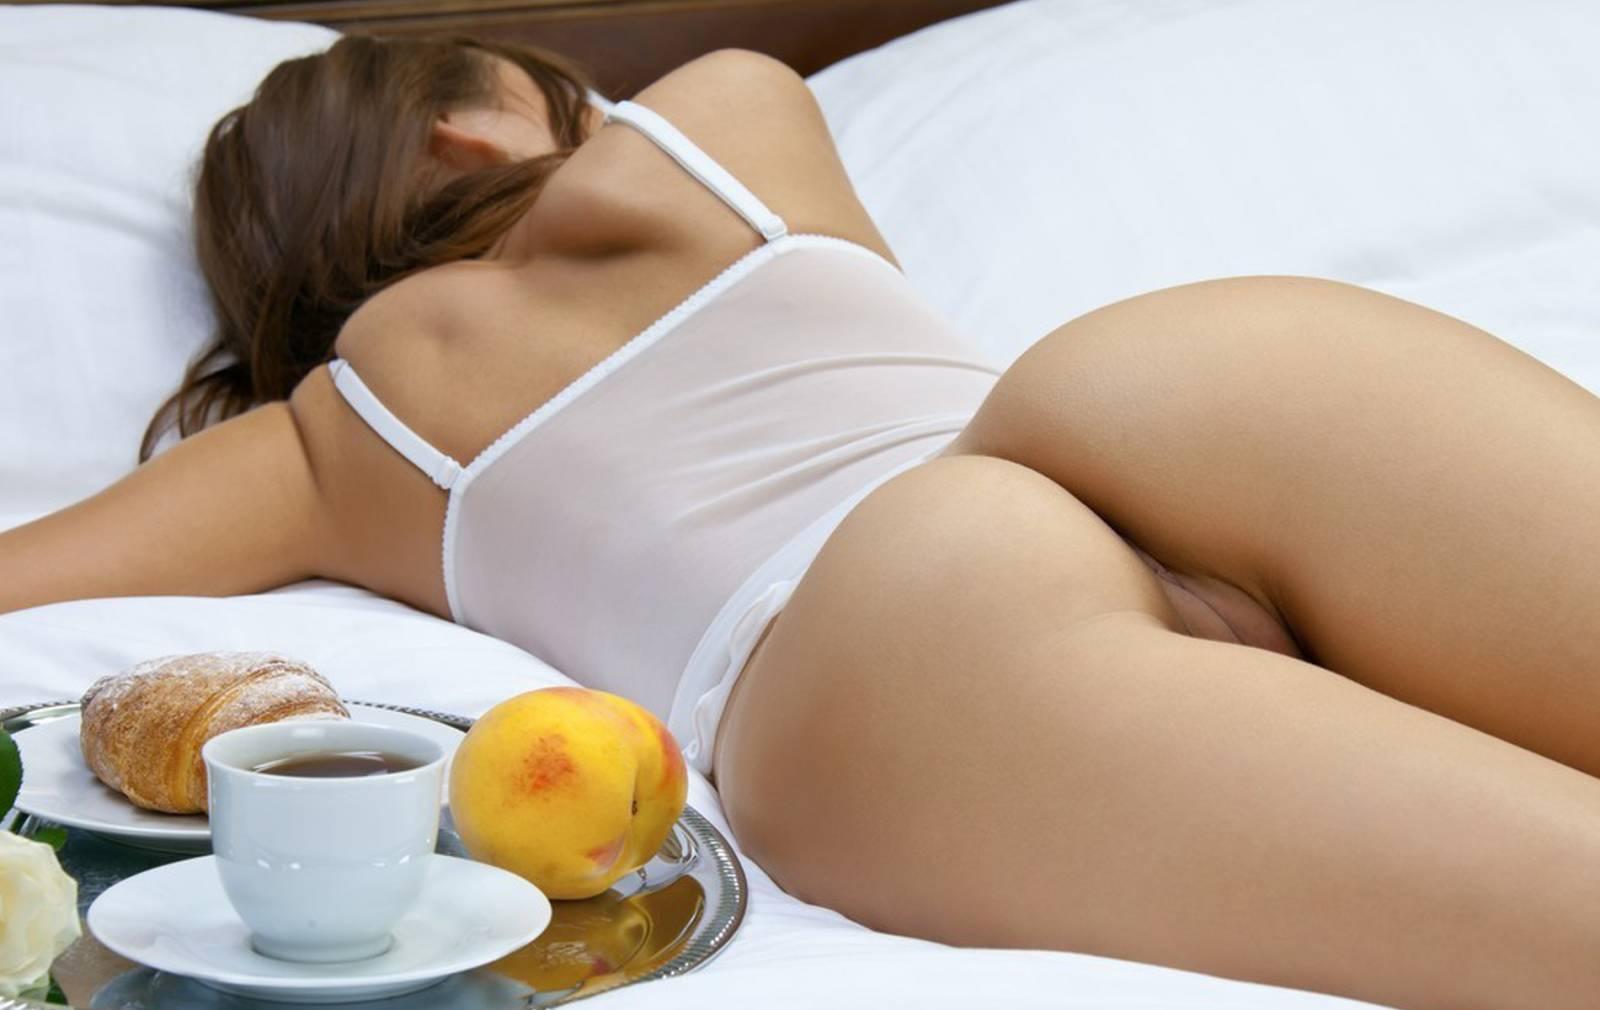 Улыбнулась доброе утро секси совета